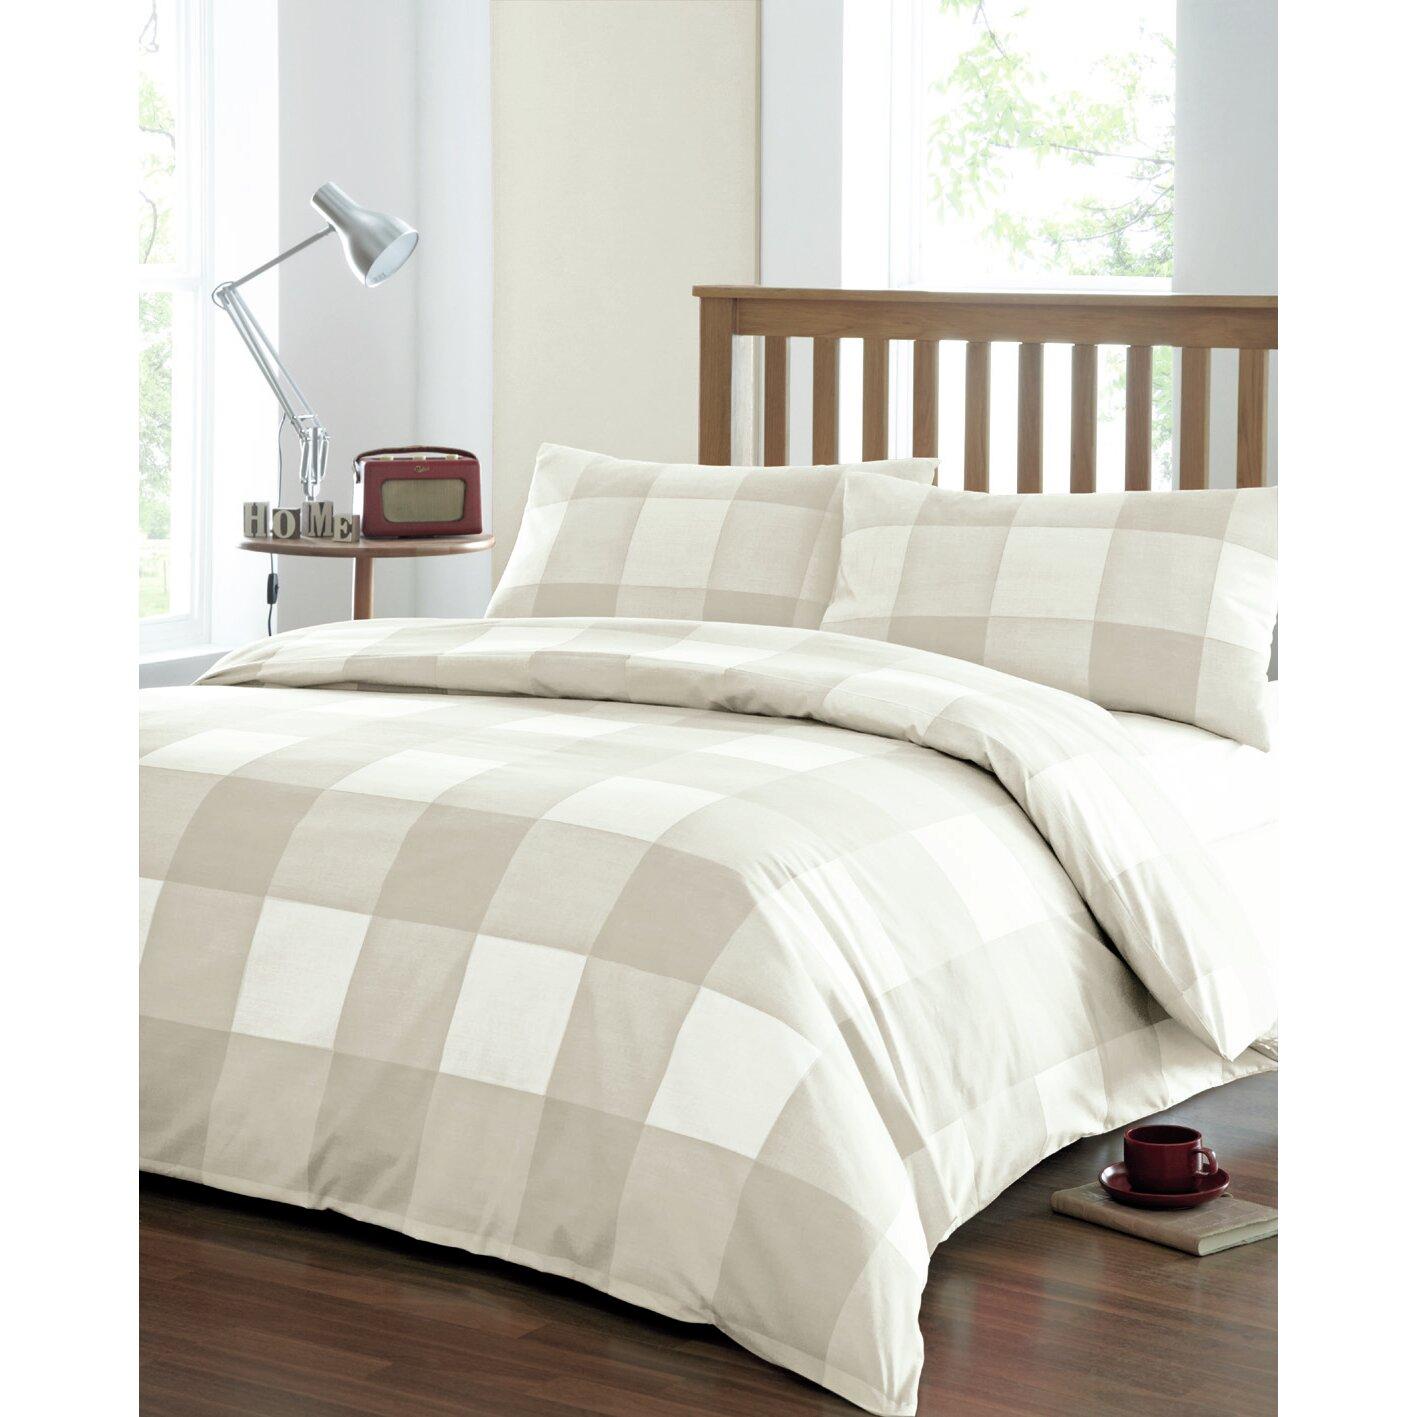 wayfair basics duvet set reviews. Black Bedroom Furniture Sets. Home Design Ideas